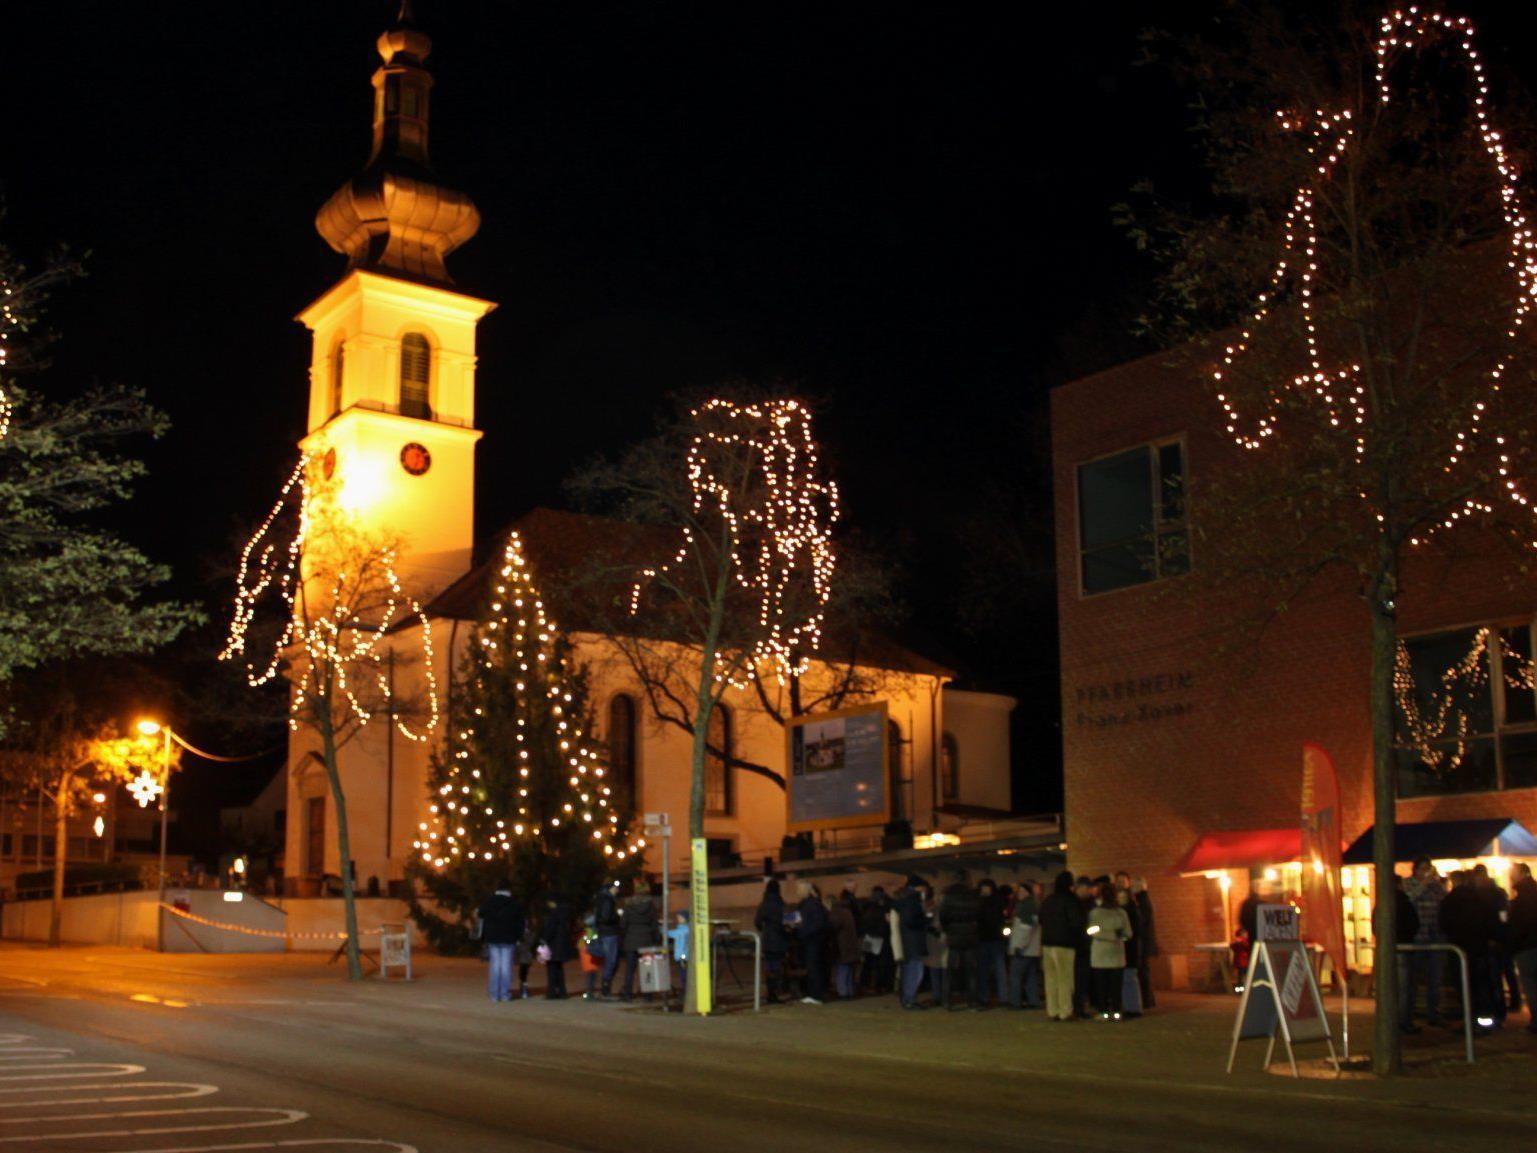 Dekorative Weihnachtsbeleuchtung sorgt für eine stimmungsvolle Atmosphäre.